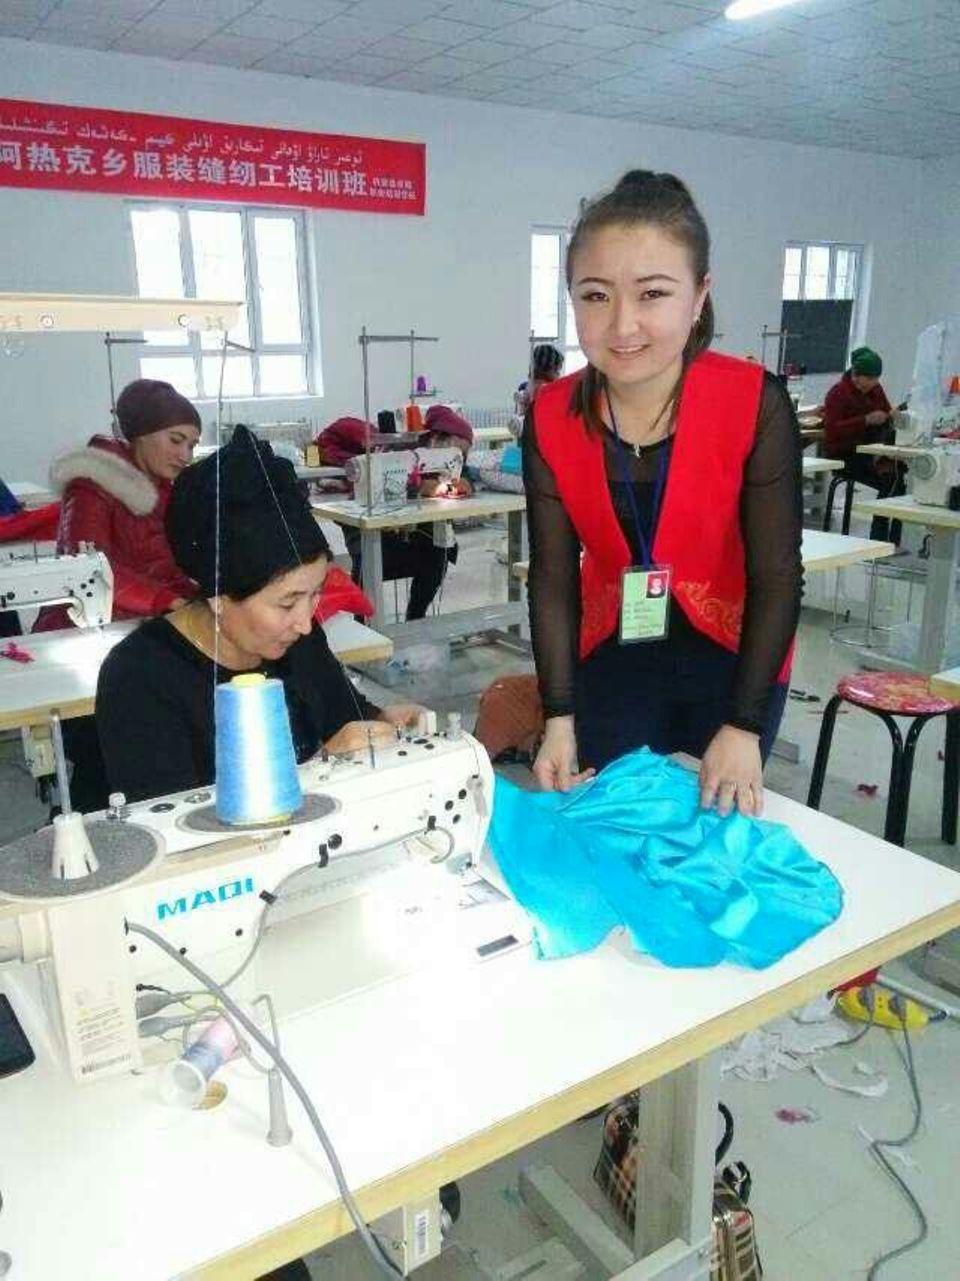 Die Unternehmerin Dina Nurdybay, 29, konnte im Lager beobachten, wie uigurische Frauen drangsaliert wurden, immer wieder sei es auch um das Thema Geburtenplanung und Kinder gegangen